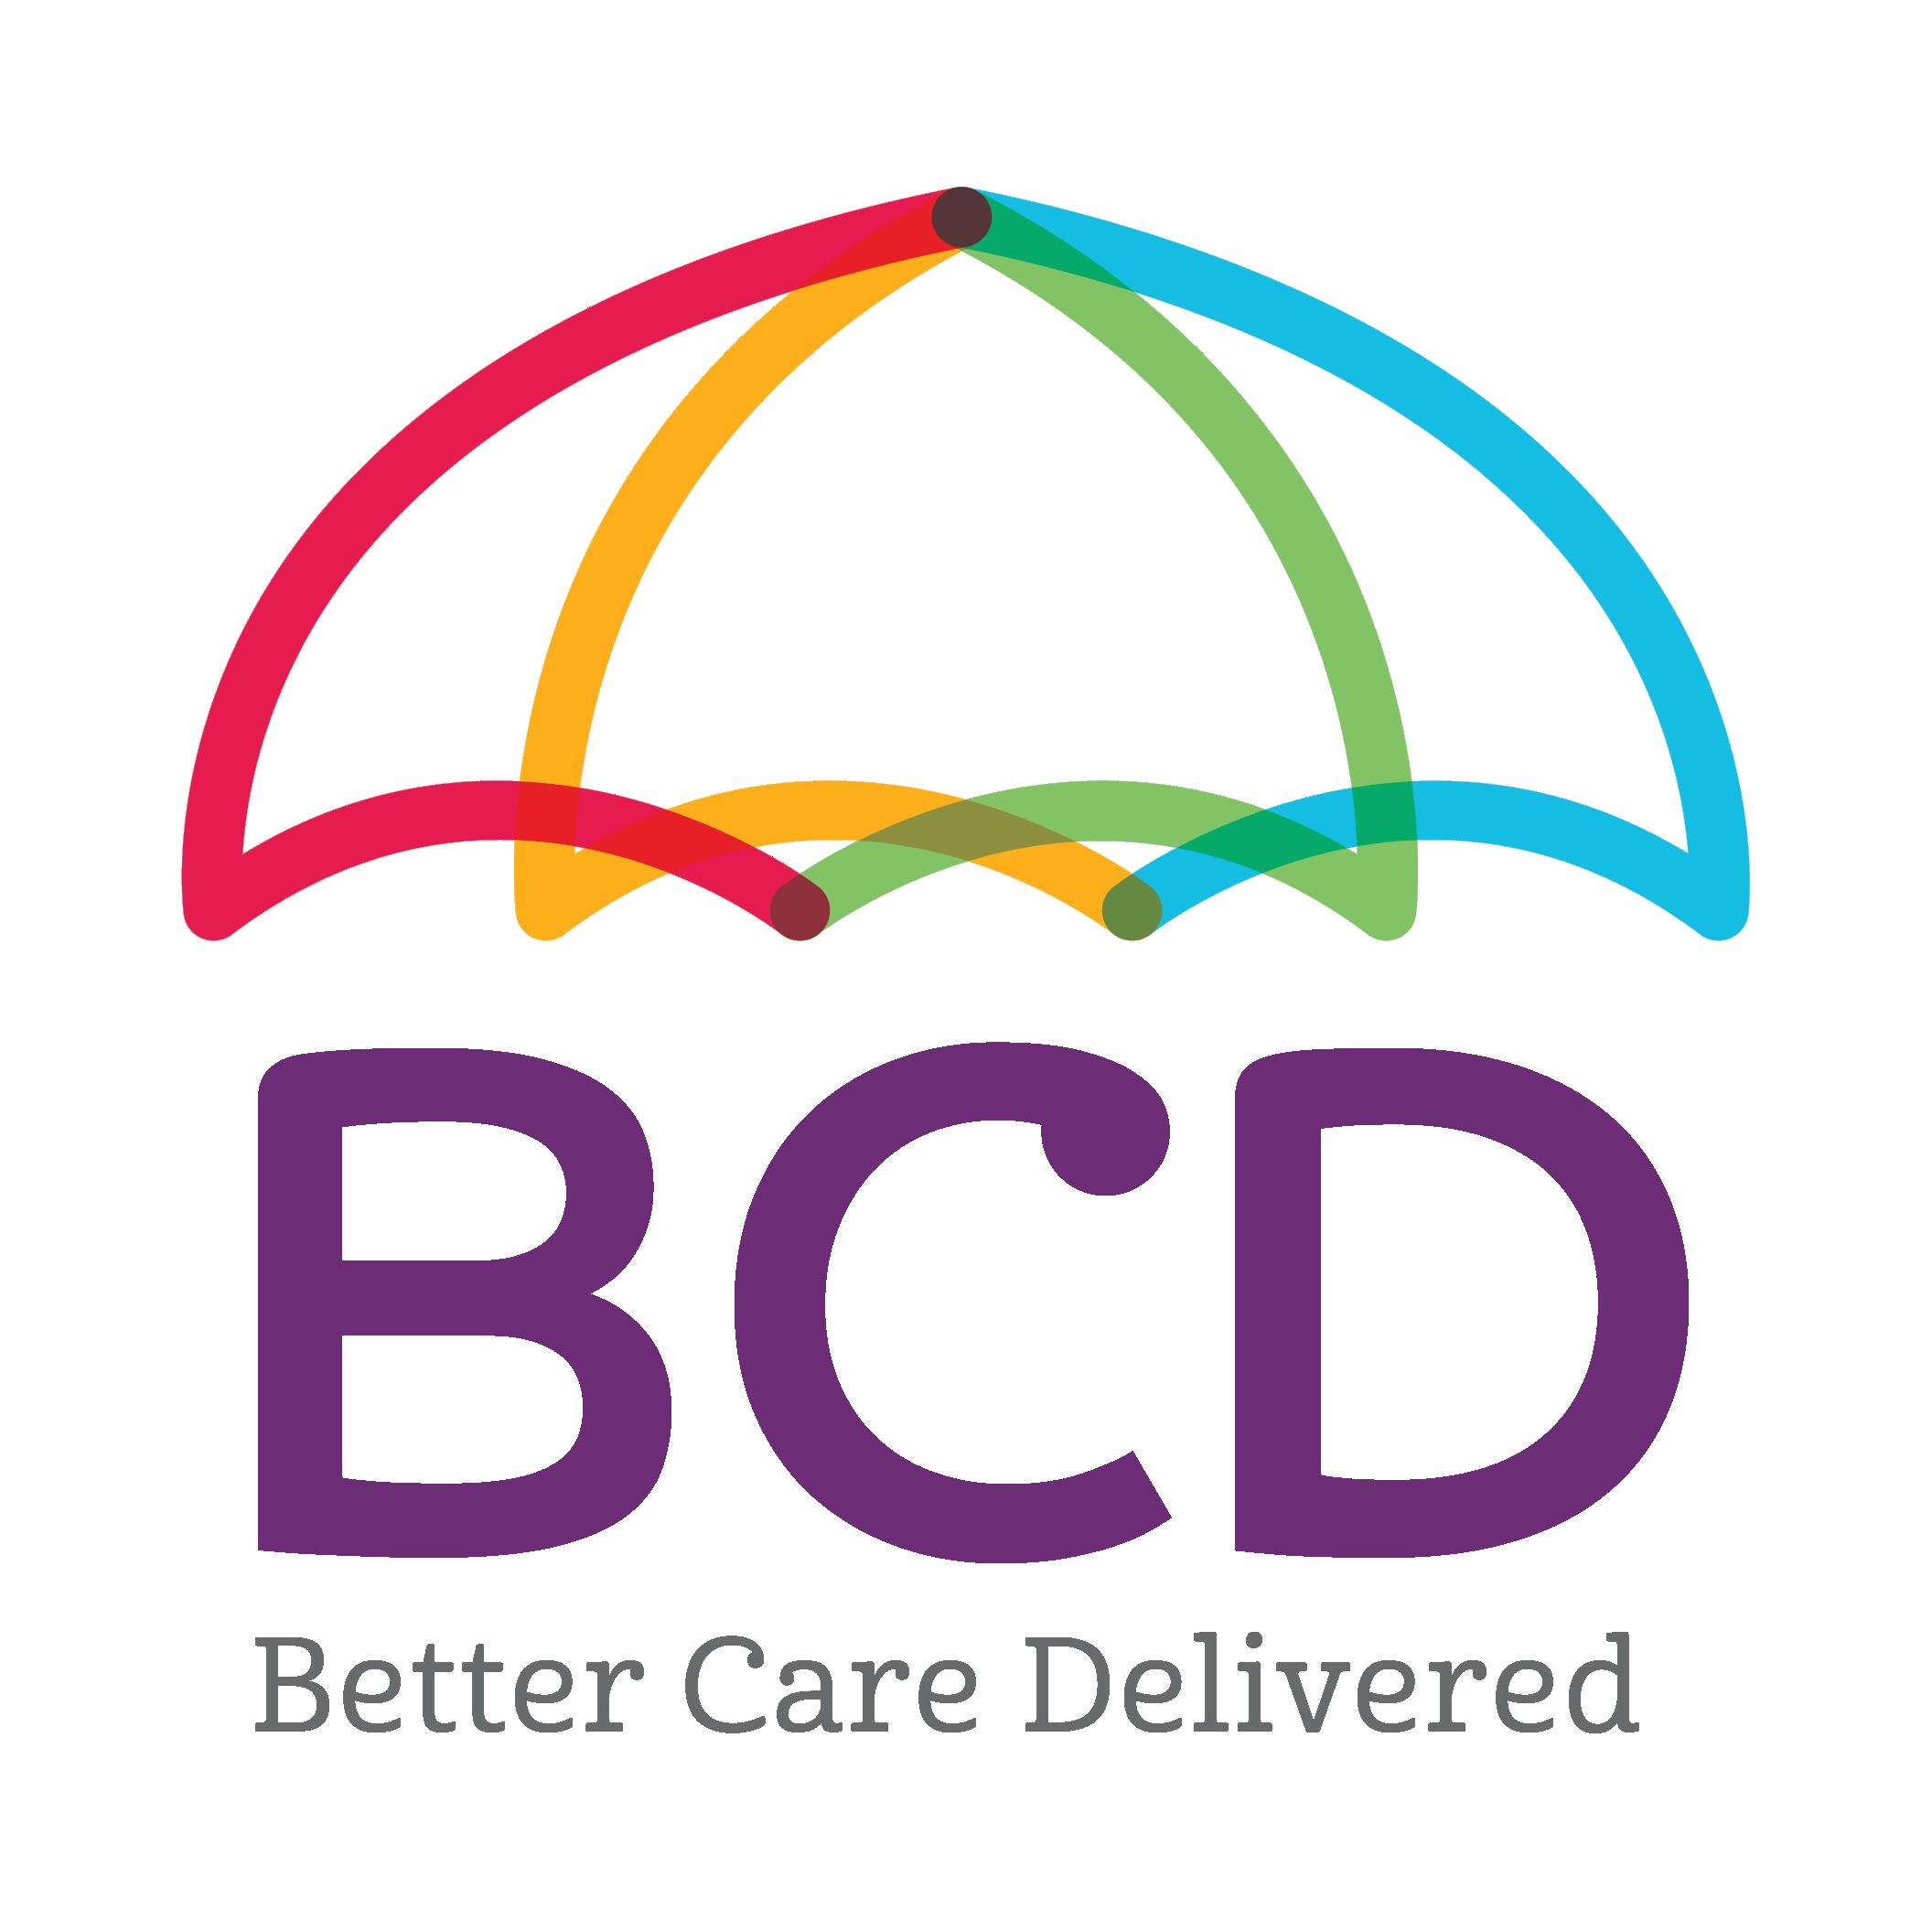 Better Care Delivered